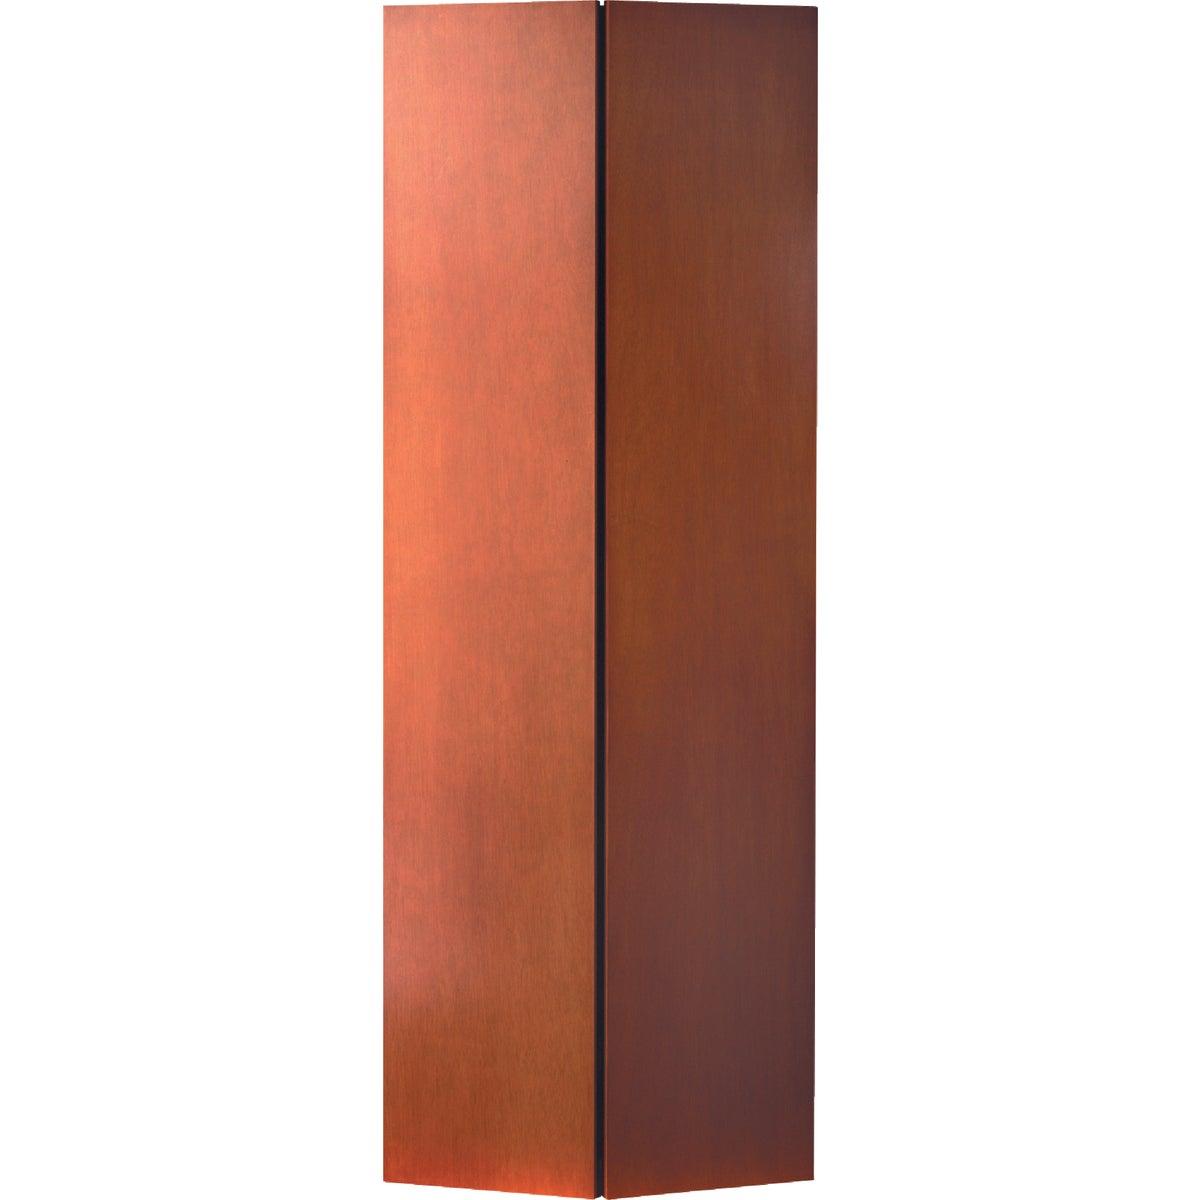 2/0 1-3/8 Luan Bfld Door